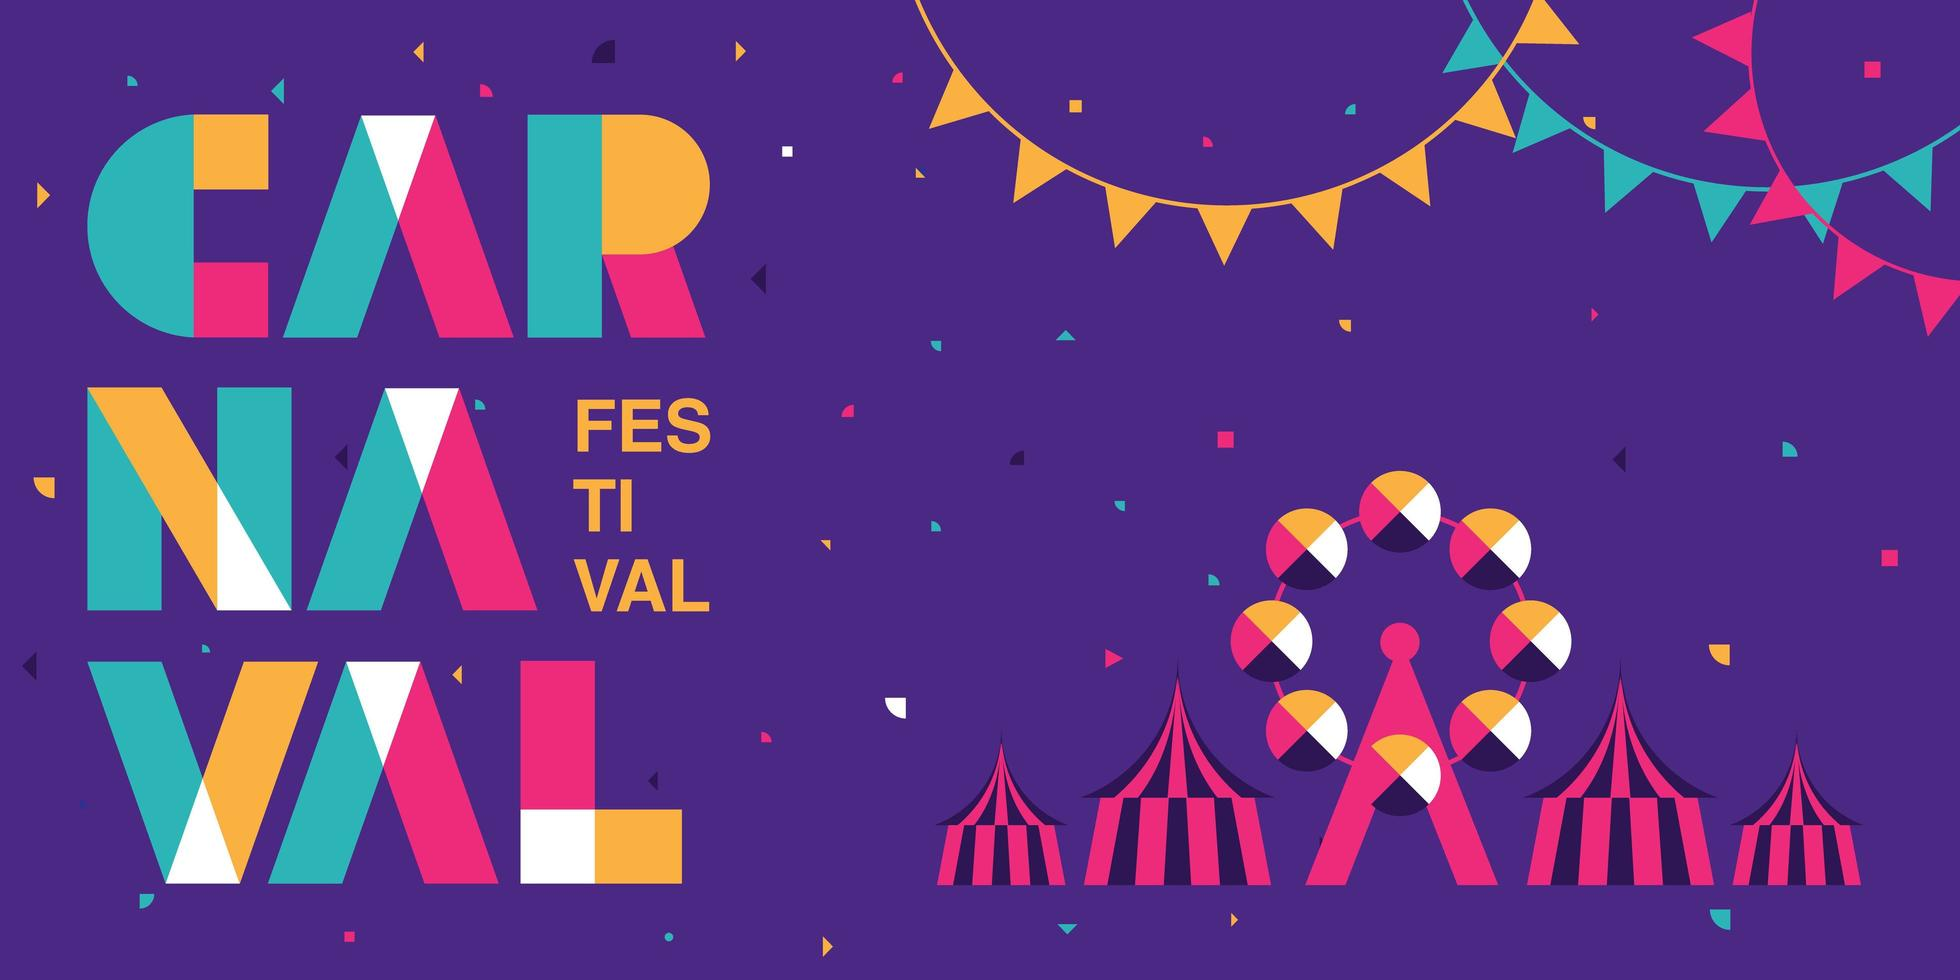 bannière de typographie carnaval coloré vecteur